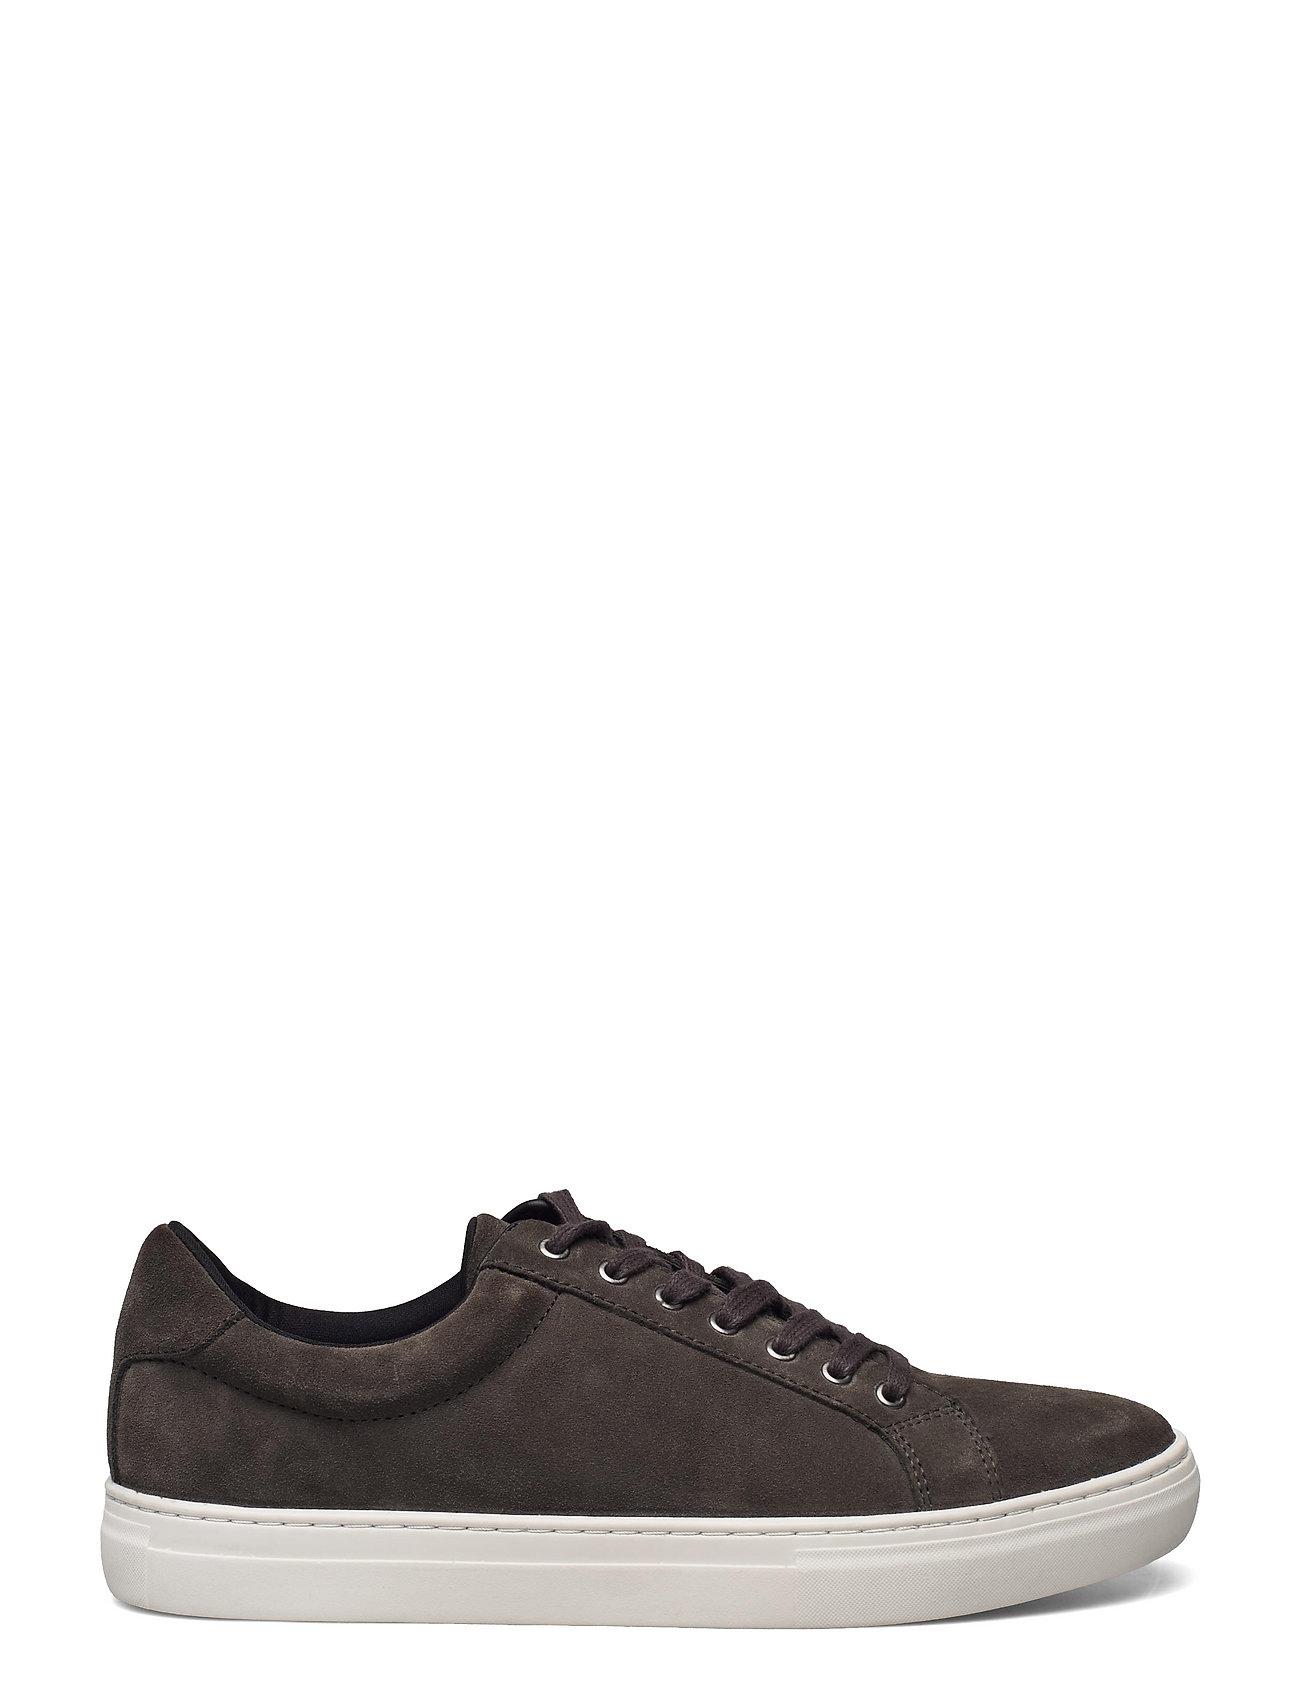 Image of Paul Low-top Sneakers Brun VAGABOND (3546302343)